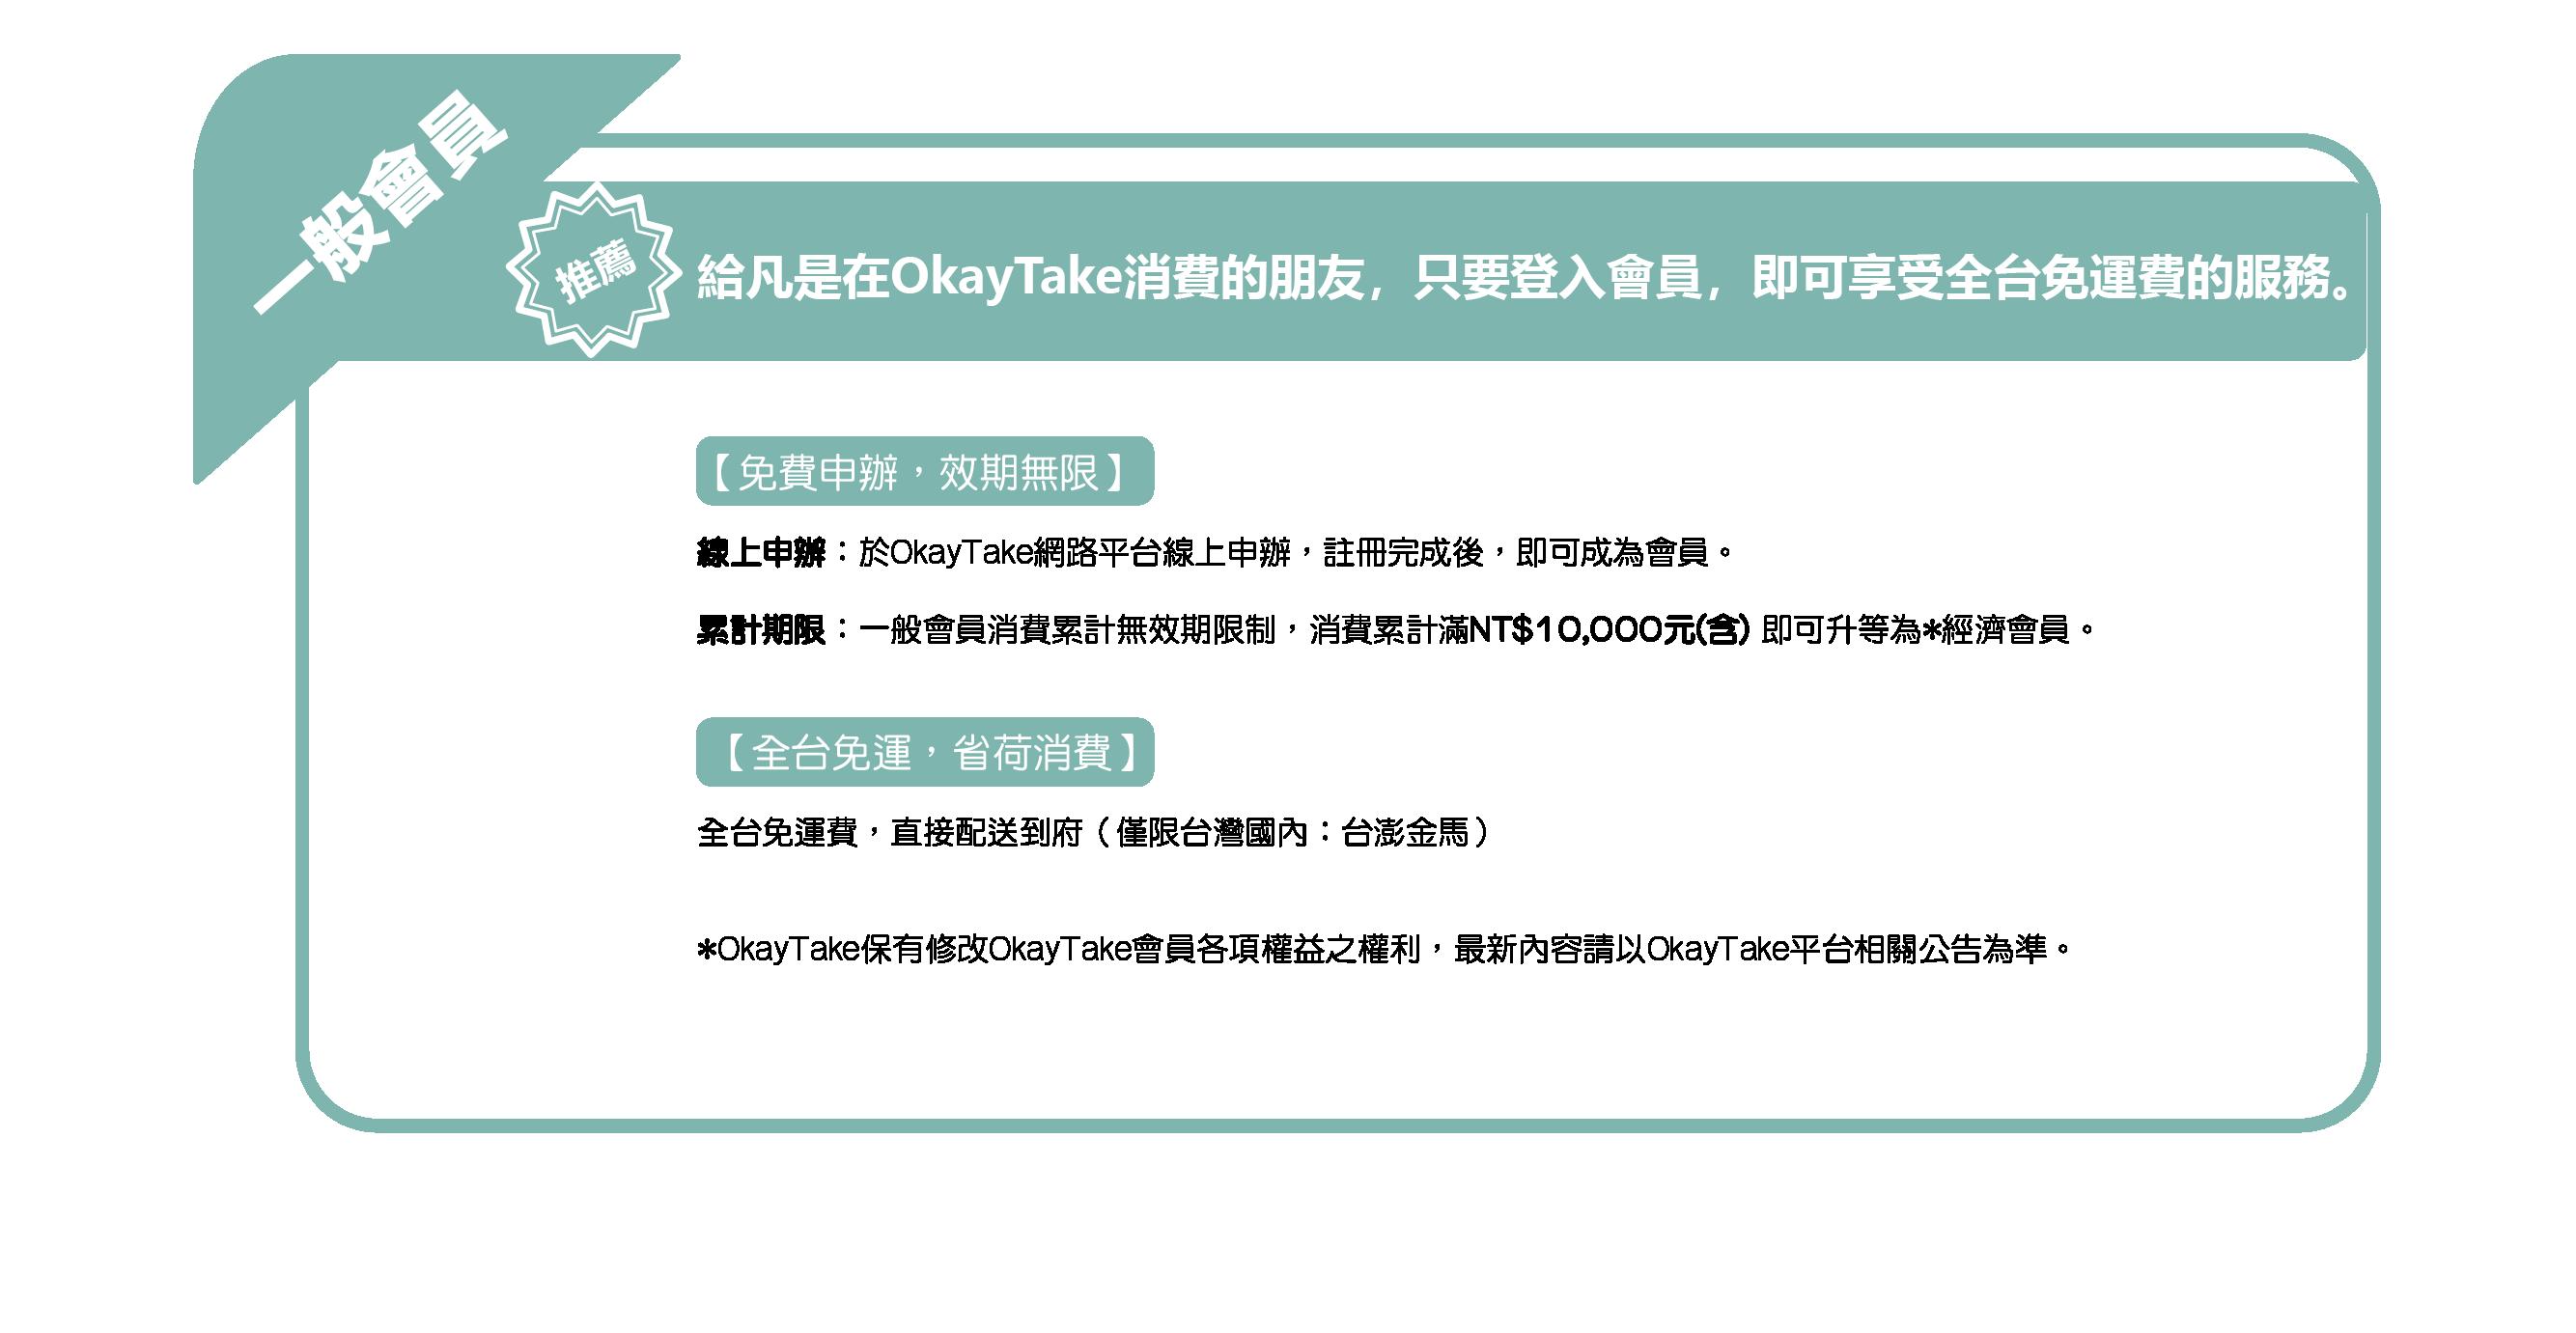 OkayTake會員政策 一般會員 推薦給凡是在OkayTake消費的朋友 只要登入會員 即可享受全台免運費的服務 免費申辦 效期無限 全台免運 省荷消費